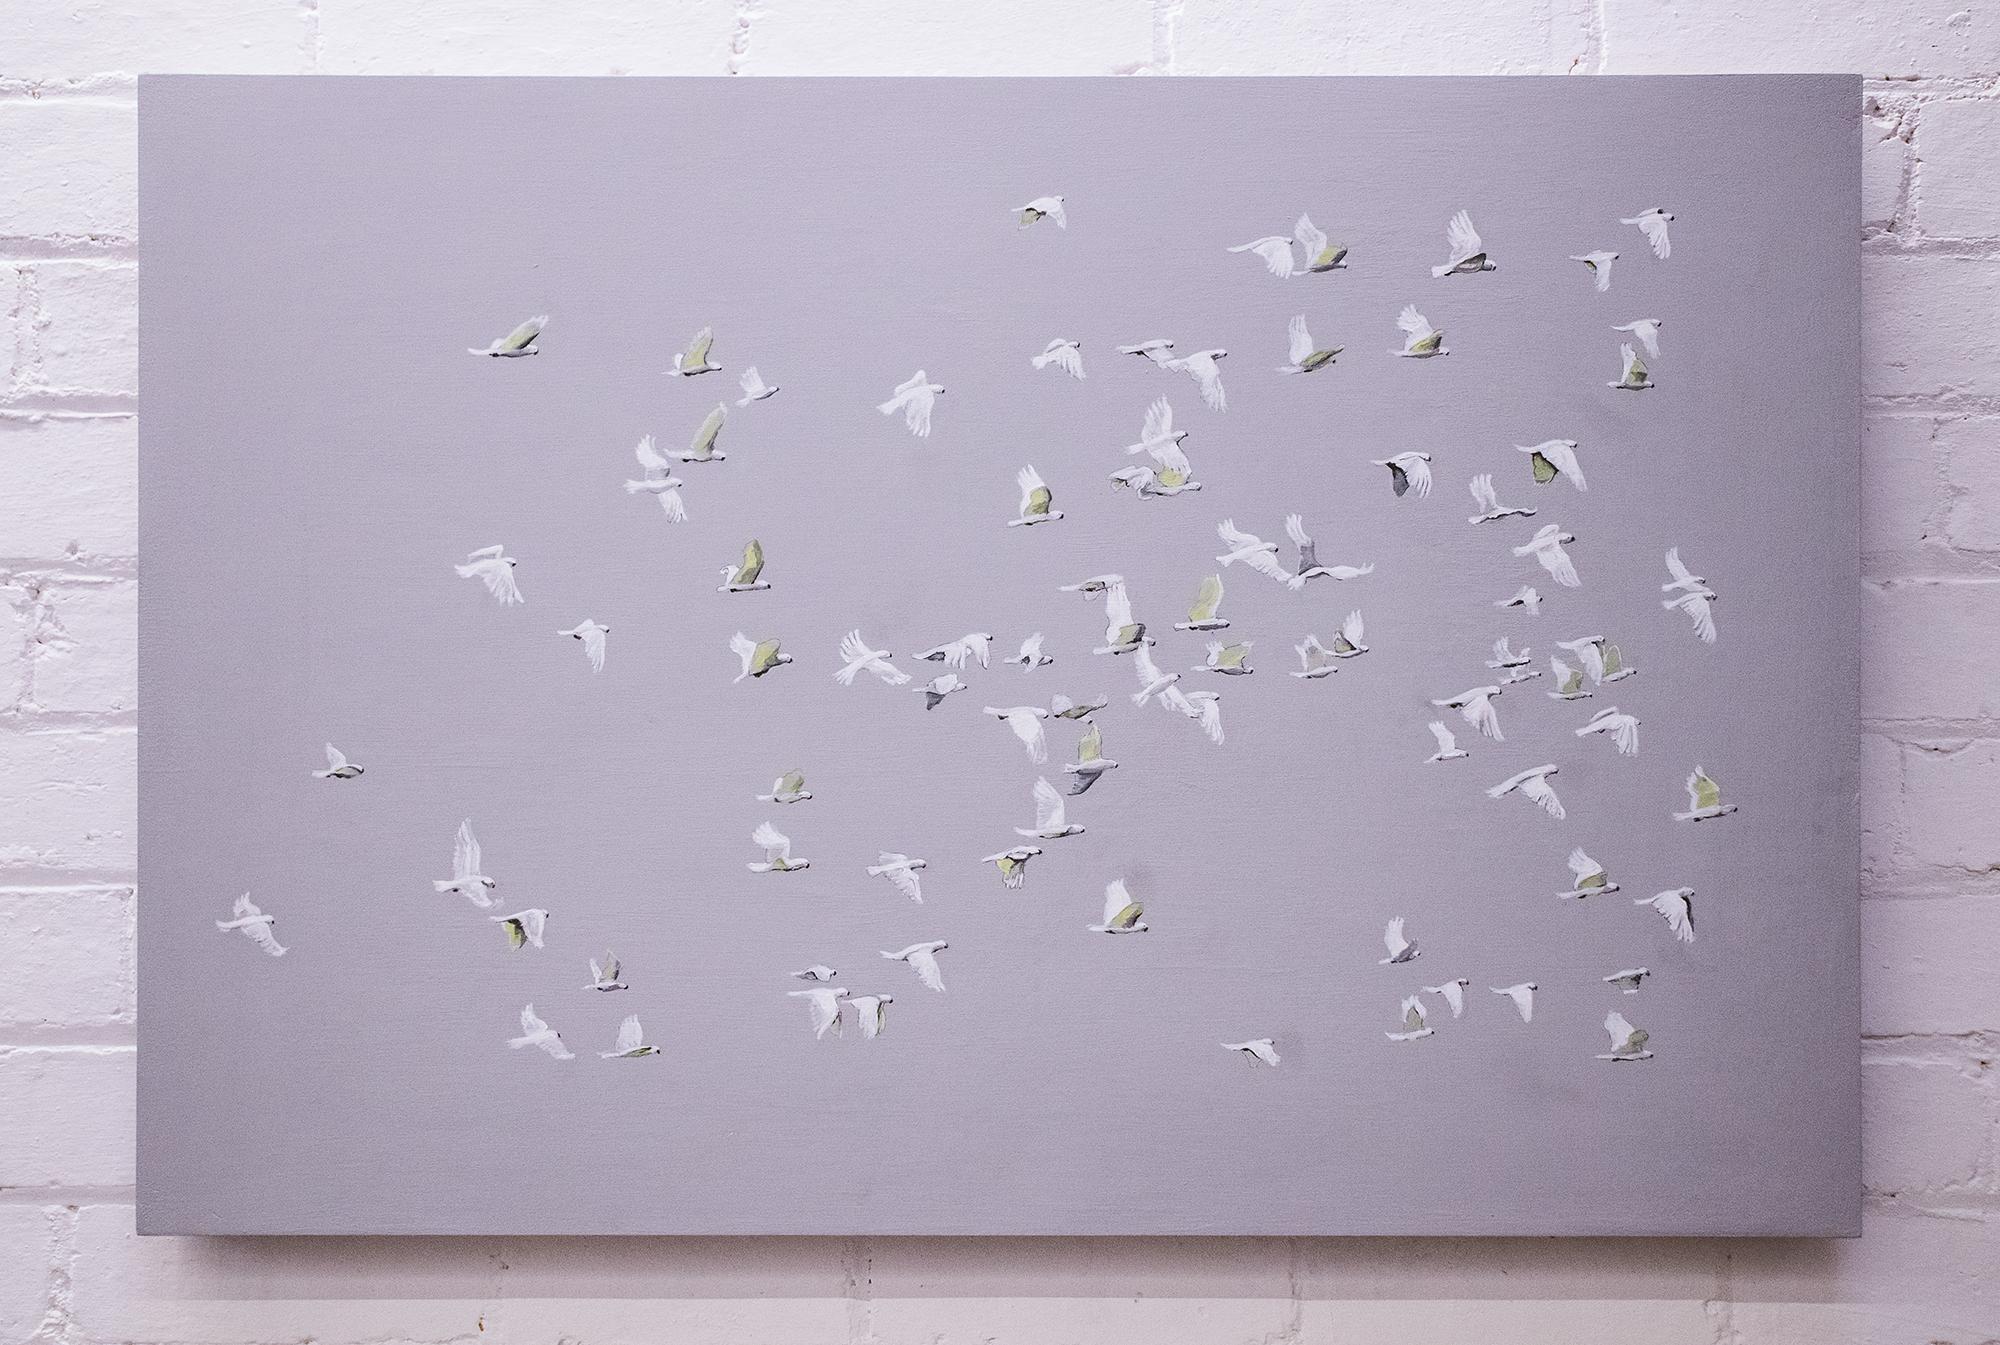 Flight V: Cluster of Sulphur Crested Cockatoos